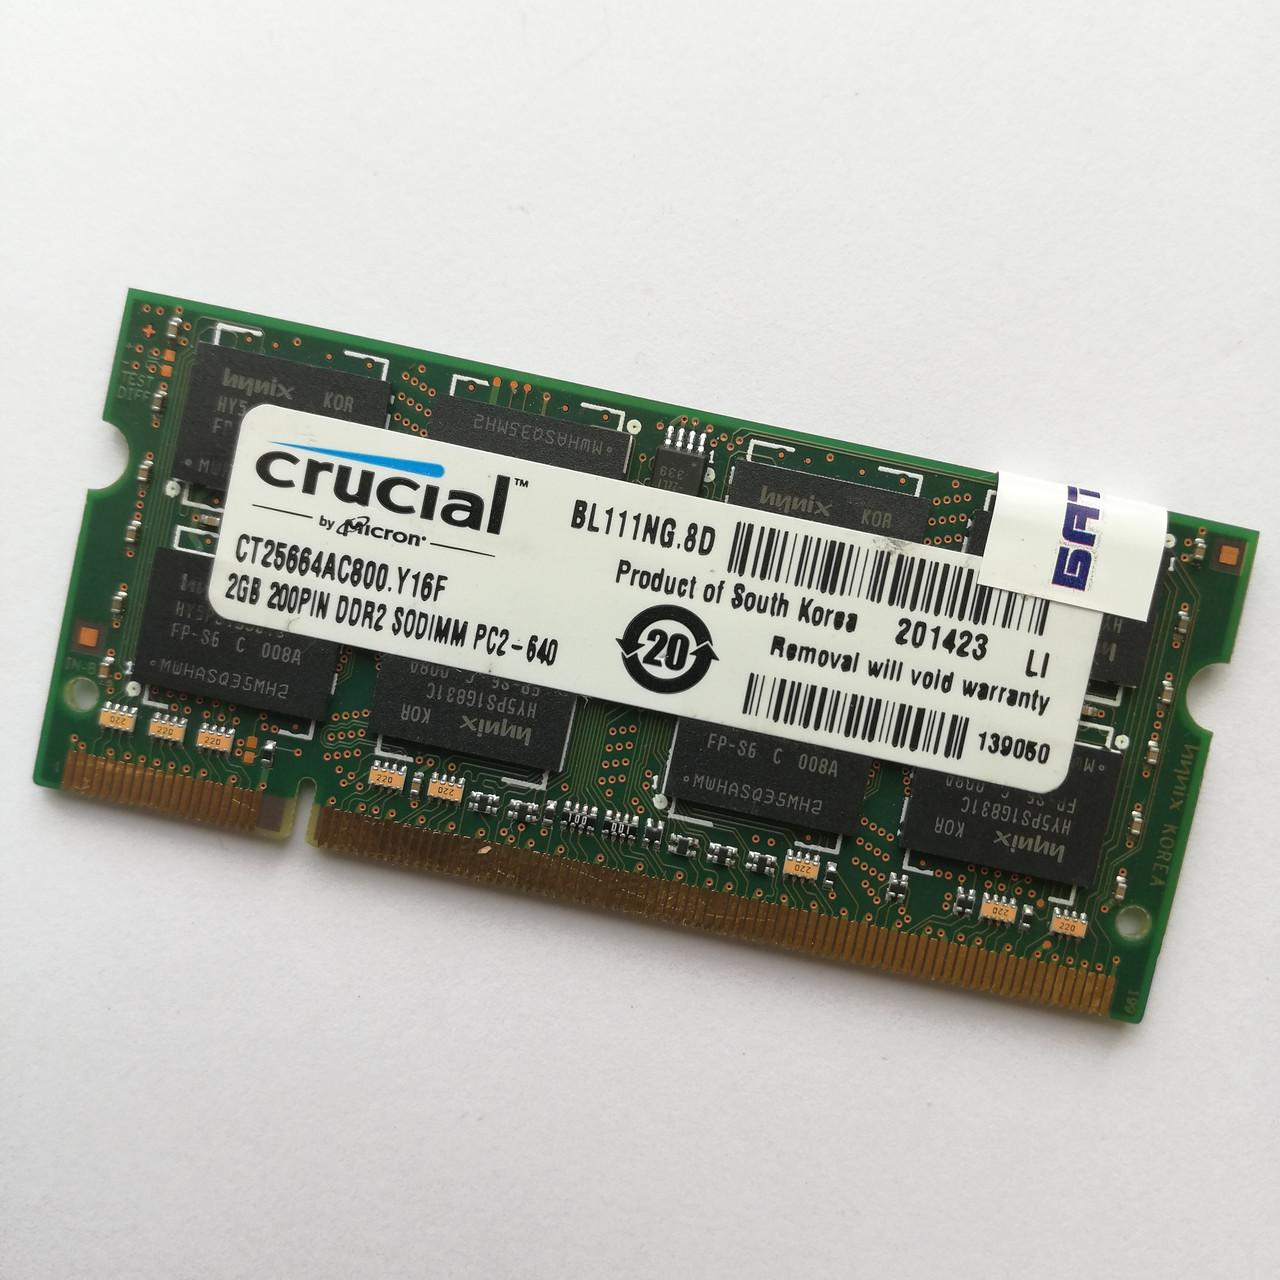 Оперативная память для ноутбука Crucial SODIMM DDR2 2Gb 800MHz 6400s CL6 (CT25664AC800.Y16F) Б/У